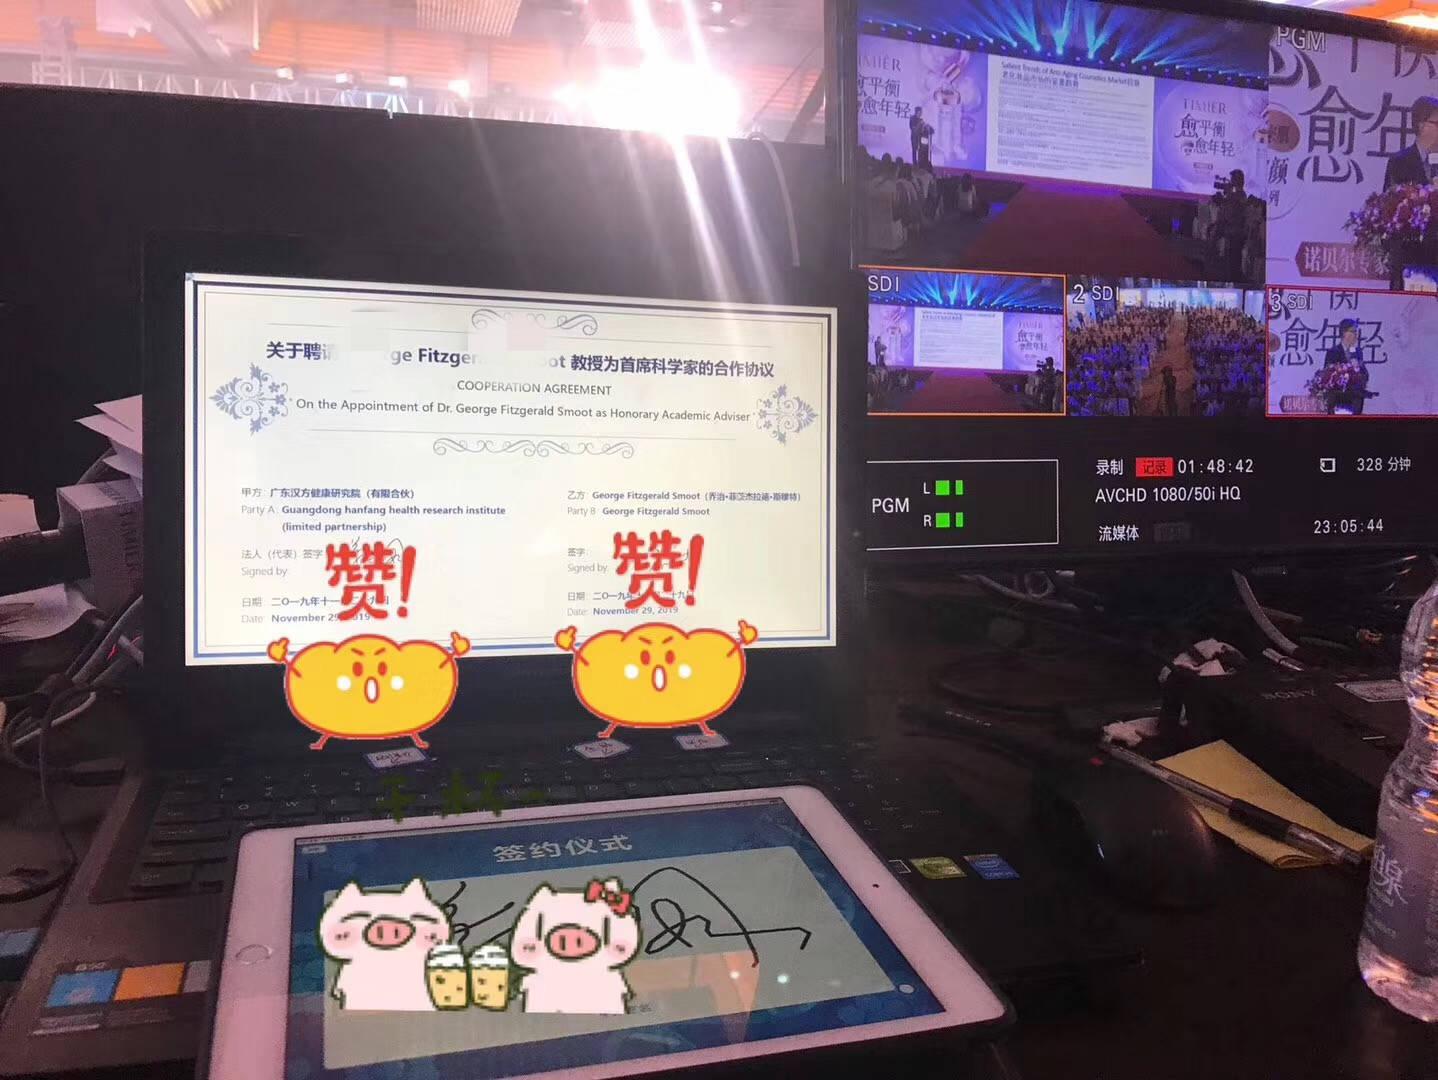 大屏幕电子签约-IPAD签约系统-1对1签约软件服务商